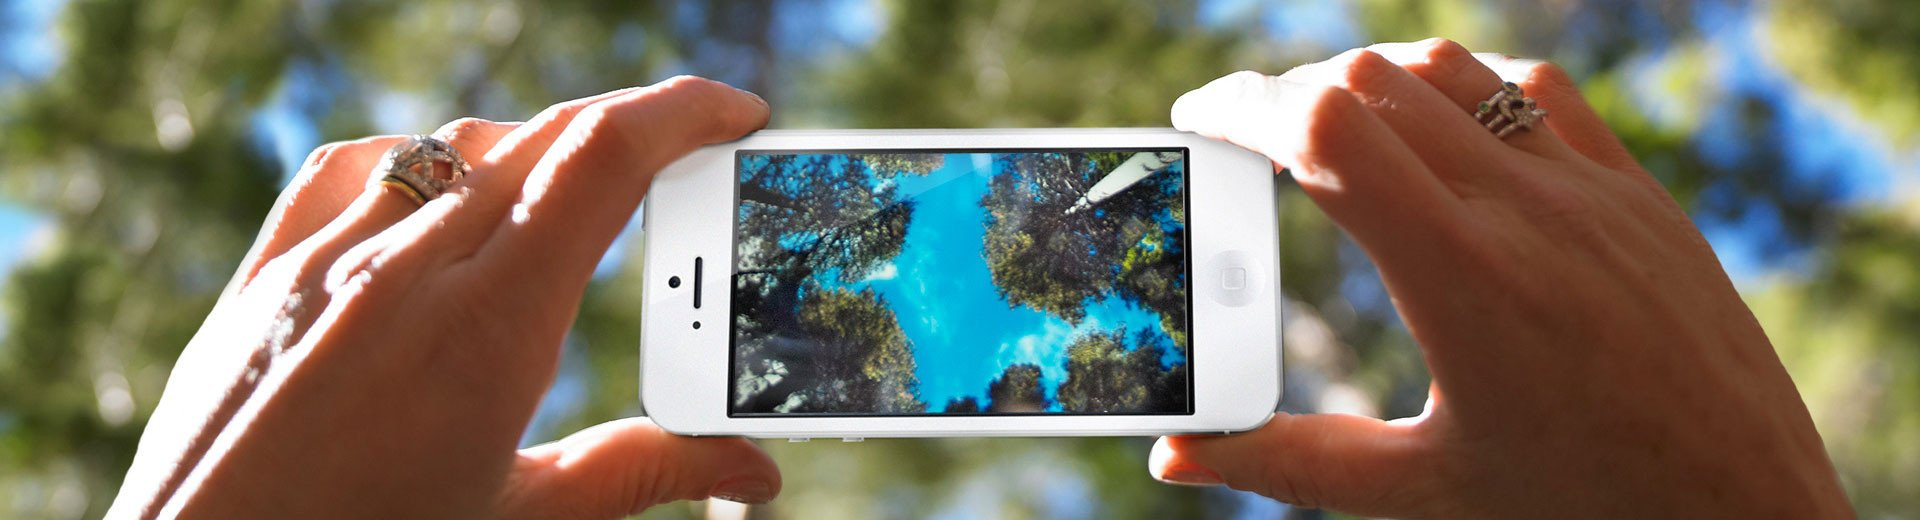 Okładka artykułu Zdjęcia ze smartfonów w kolekcji Fotolia Instant — Nowości w ofercie dostawcy zdjęć